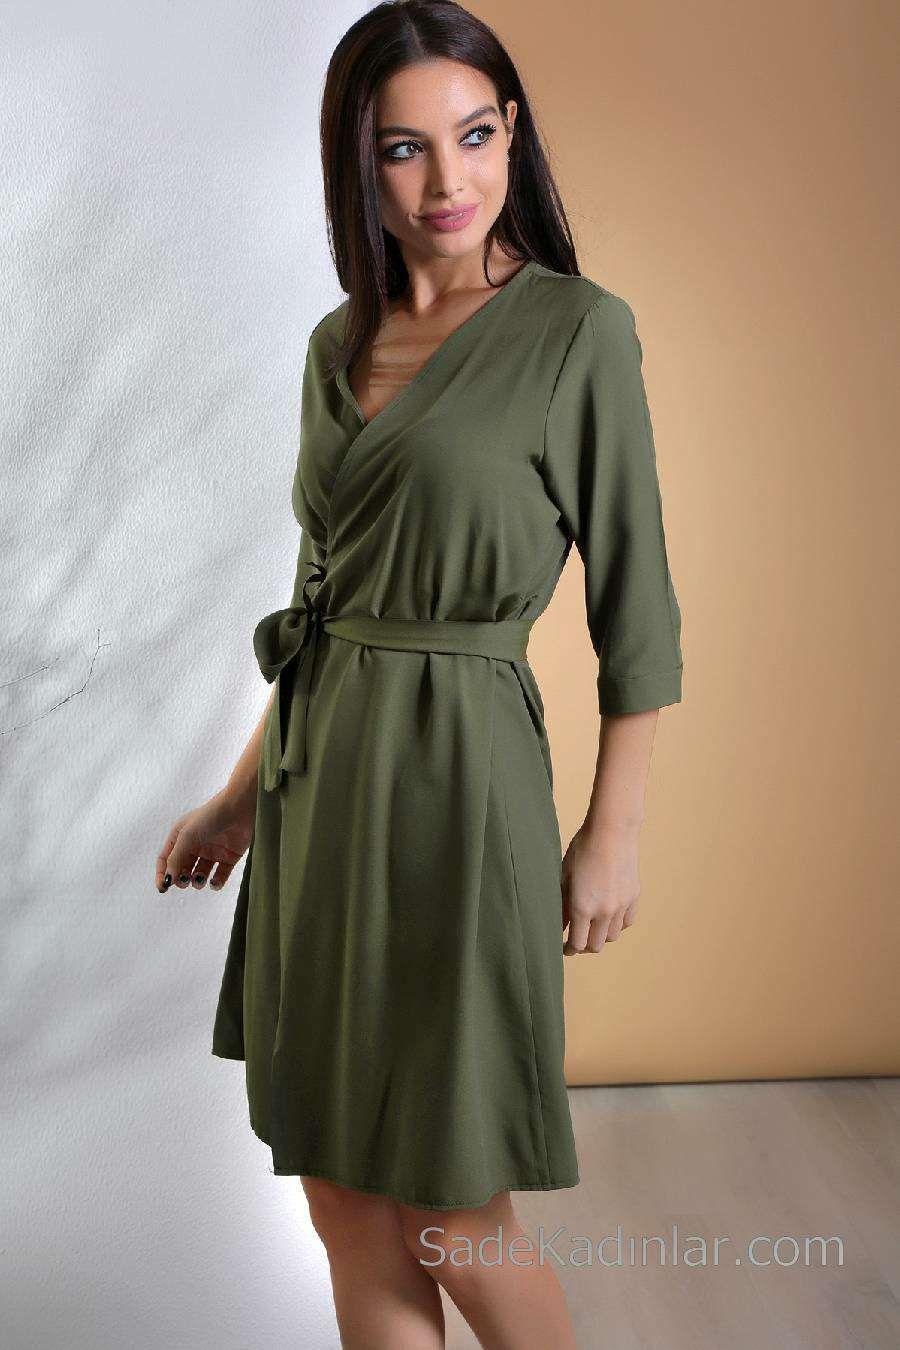 2020 Gunluk Elbise Modelleri Yesil Kisa V Yakali Belden Kusak Baglamali Elbise Modelleri Elbise The Dress